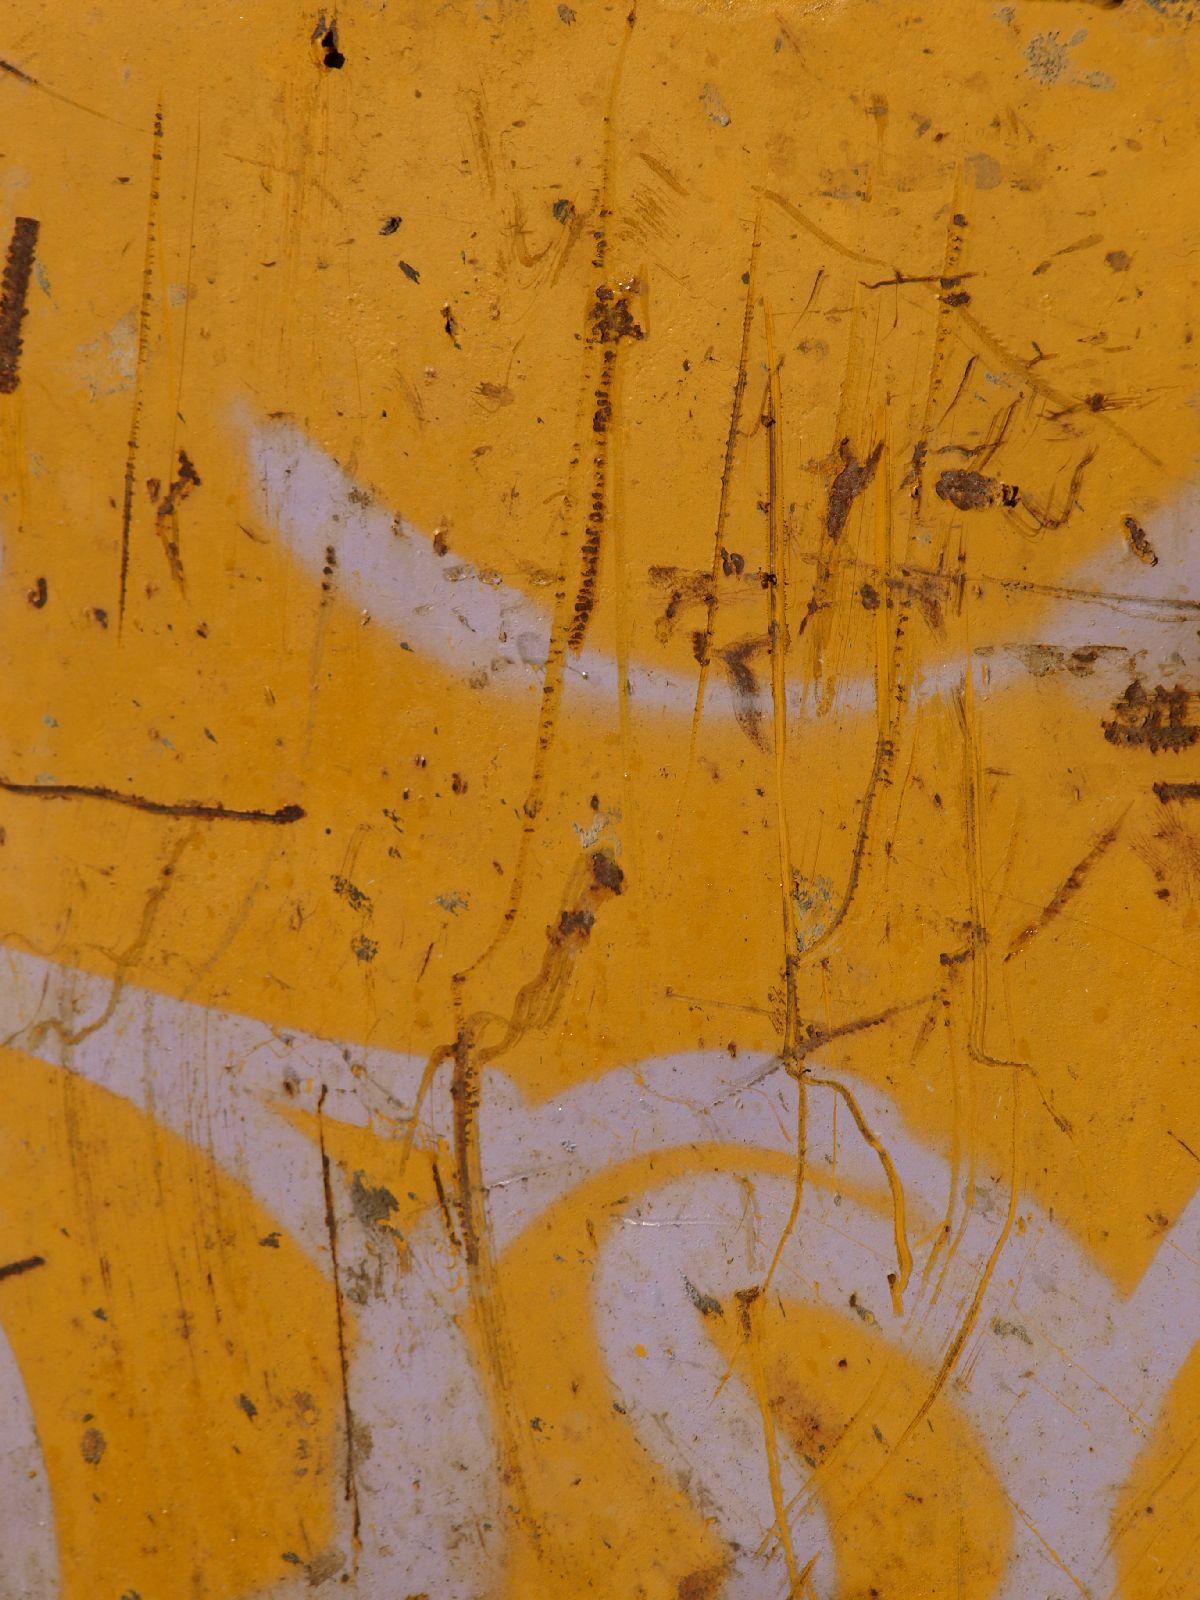 Grunge-Dreck_Textur_A_PA180317